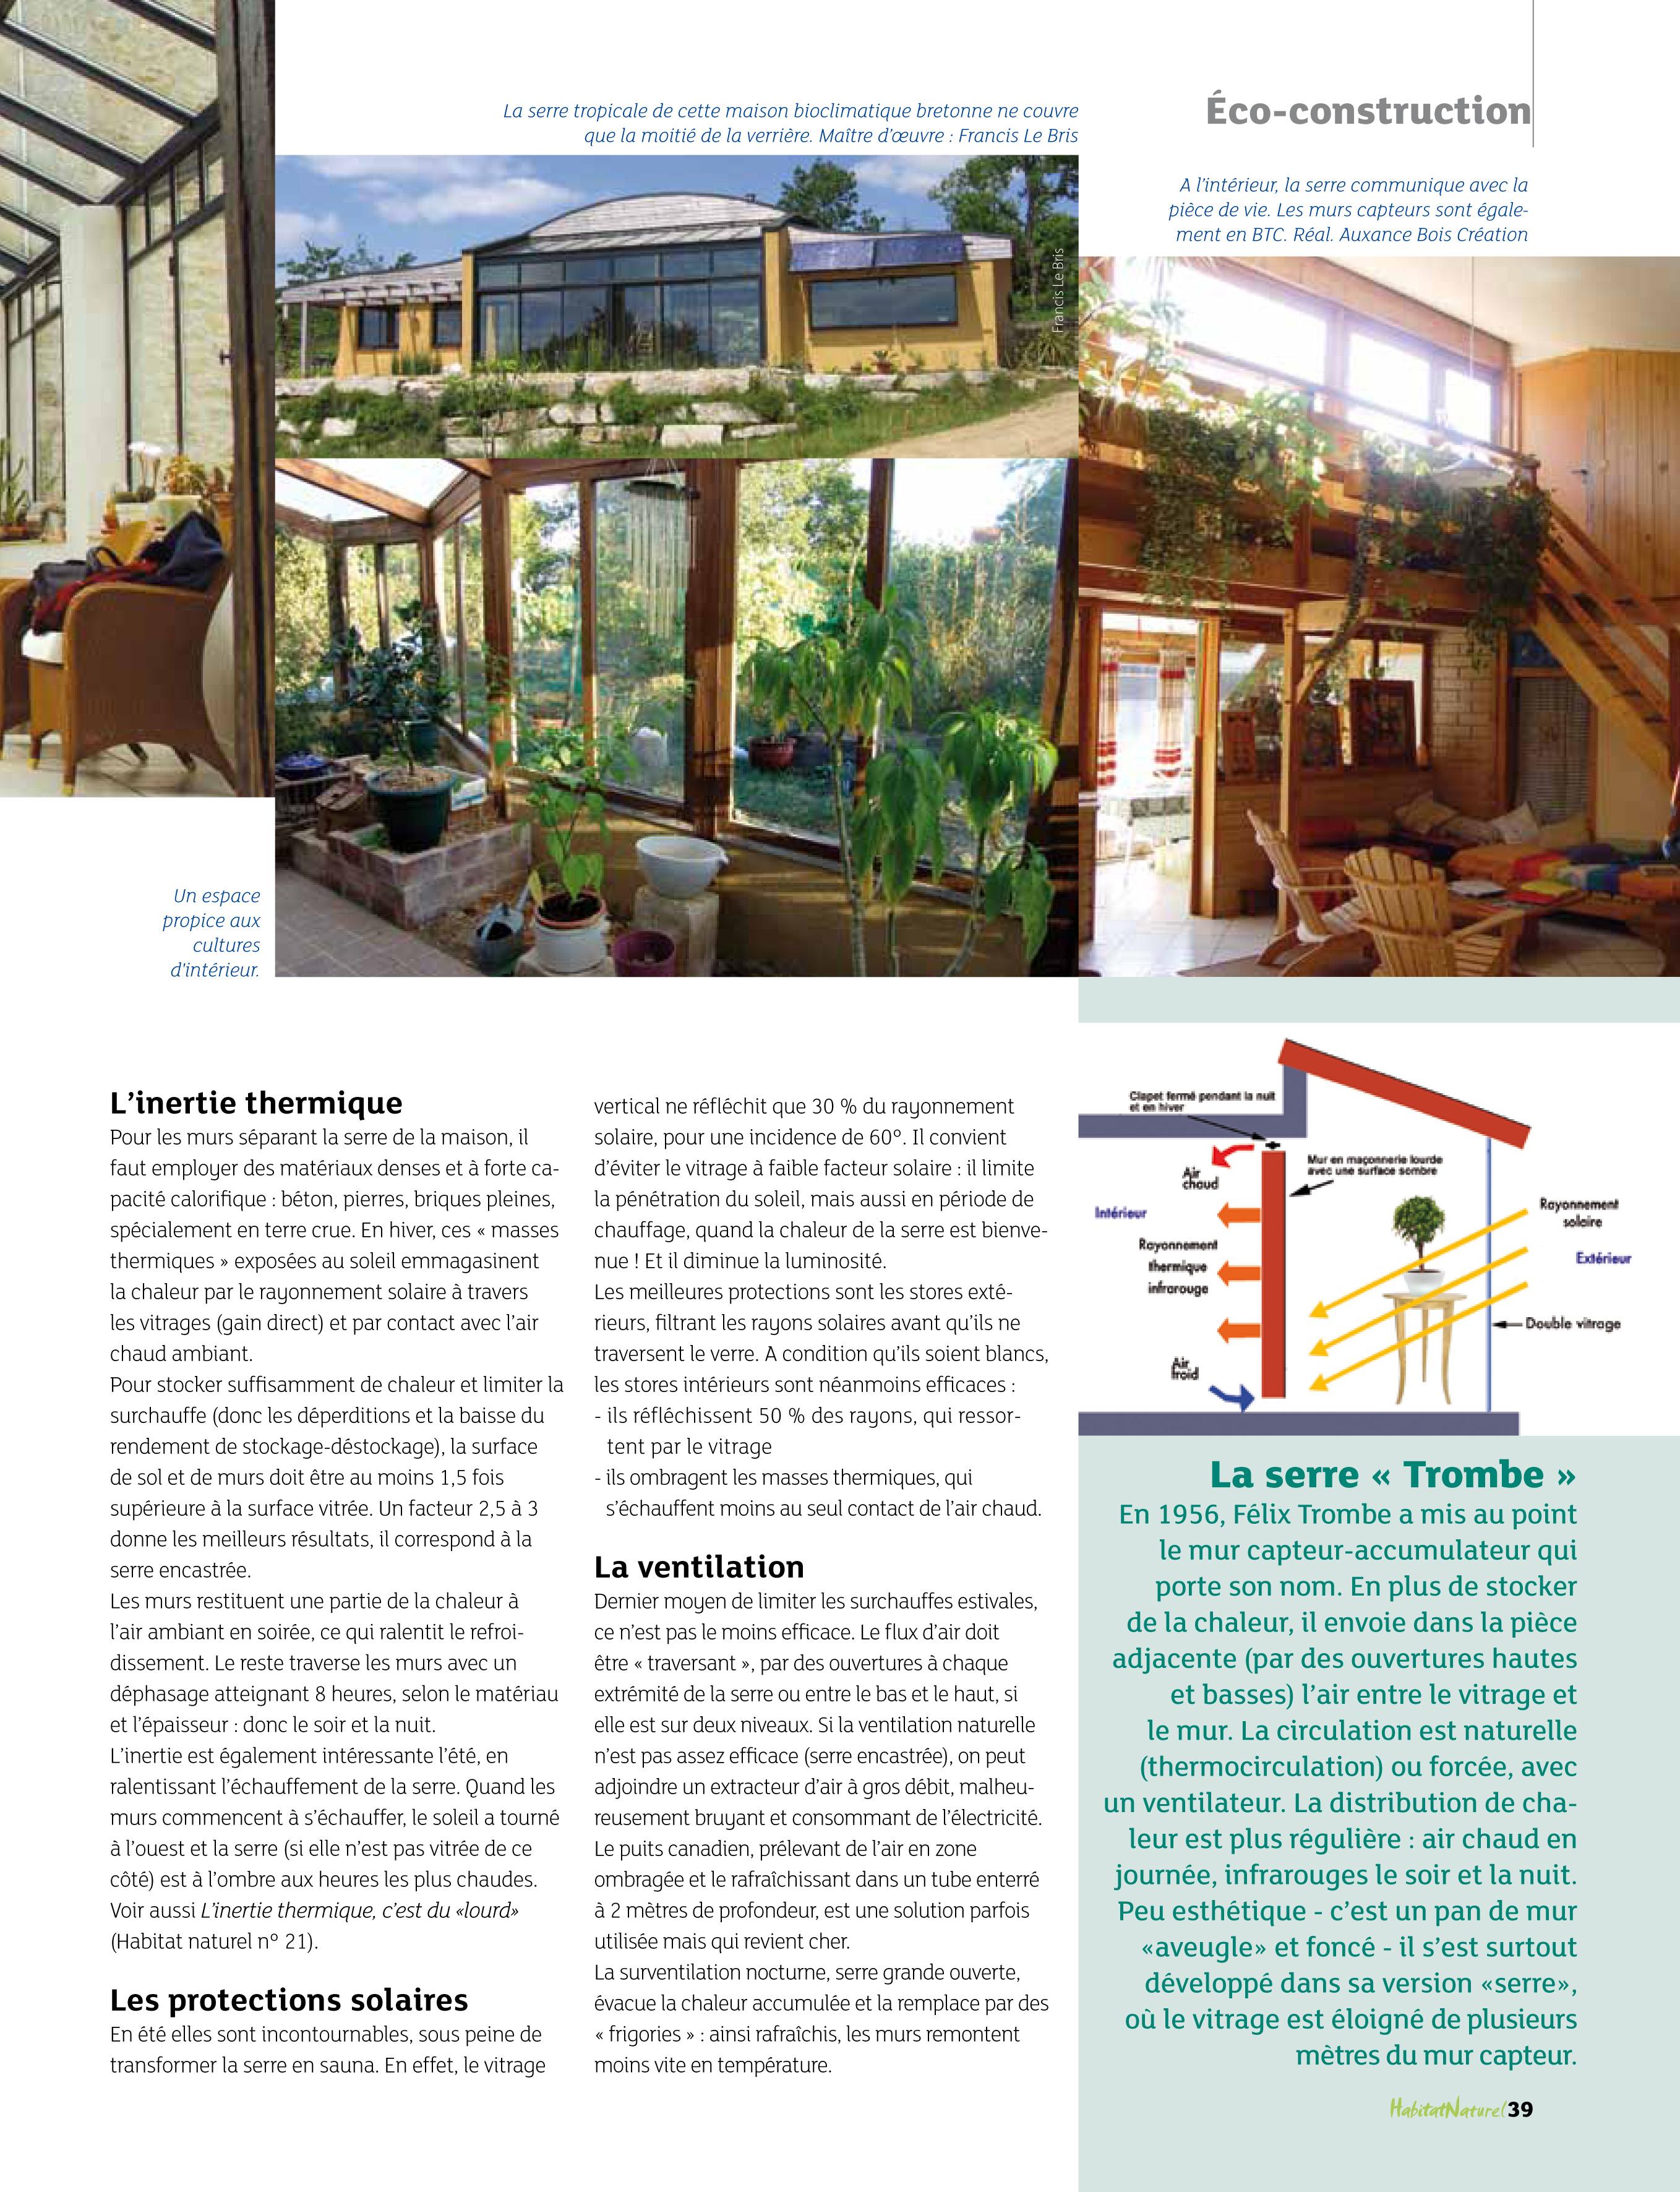 Remarquable Une serre bioclimatique pour chauffer la maison bulle ! | UQ-78